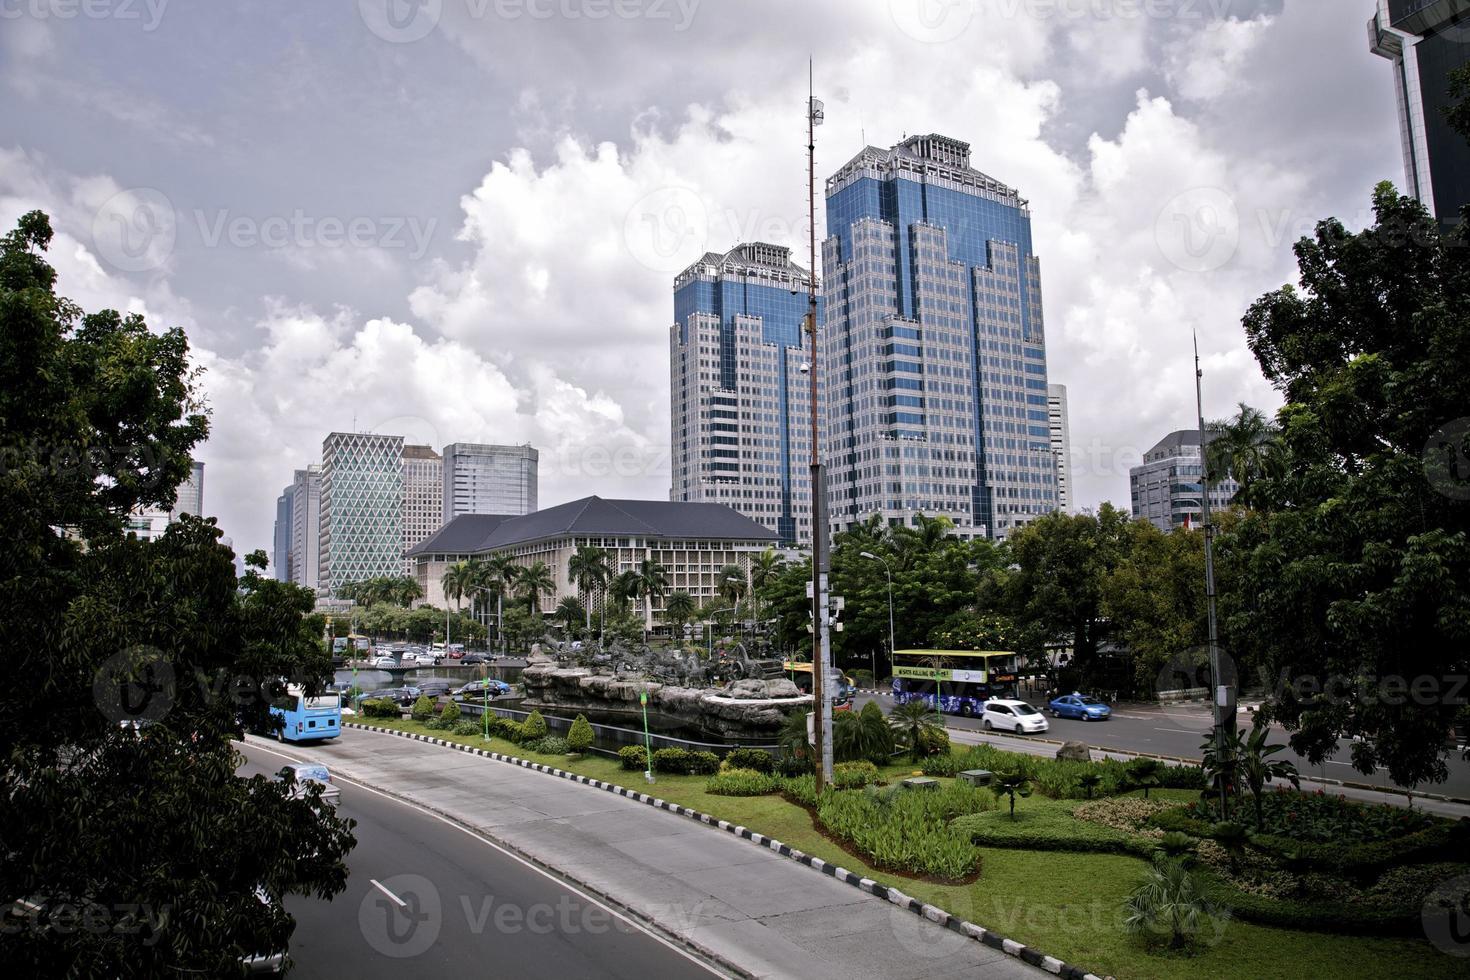 gratte-ciel architecture urbaine ville affaires entreprise indonésie jakarta centre ville photo